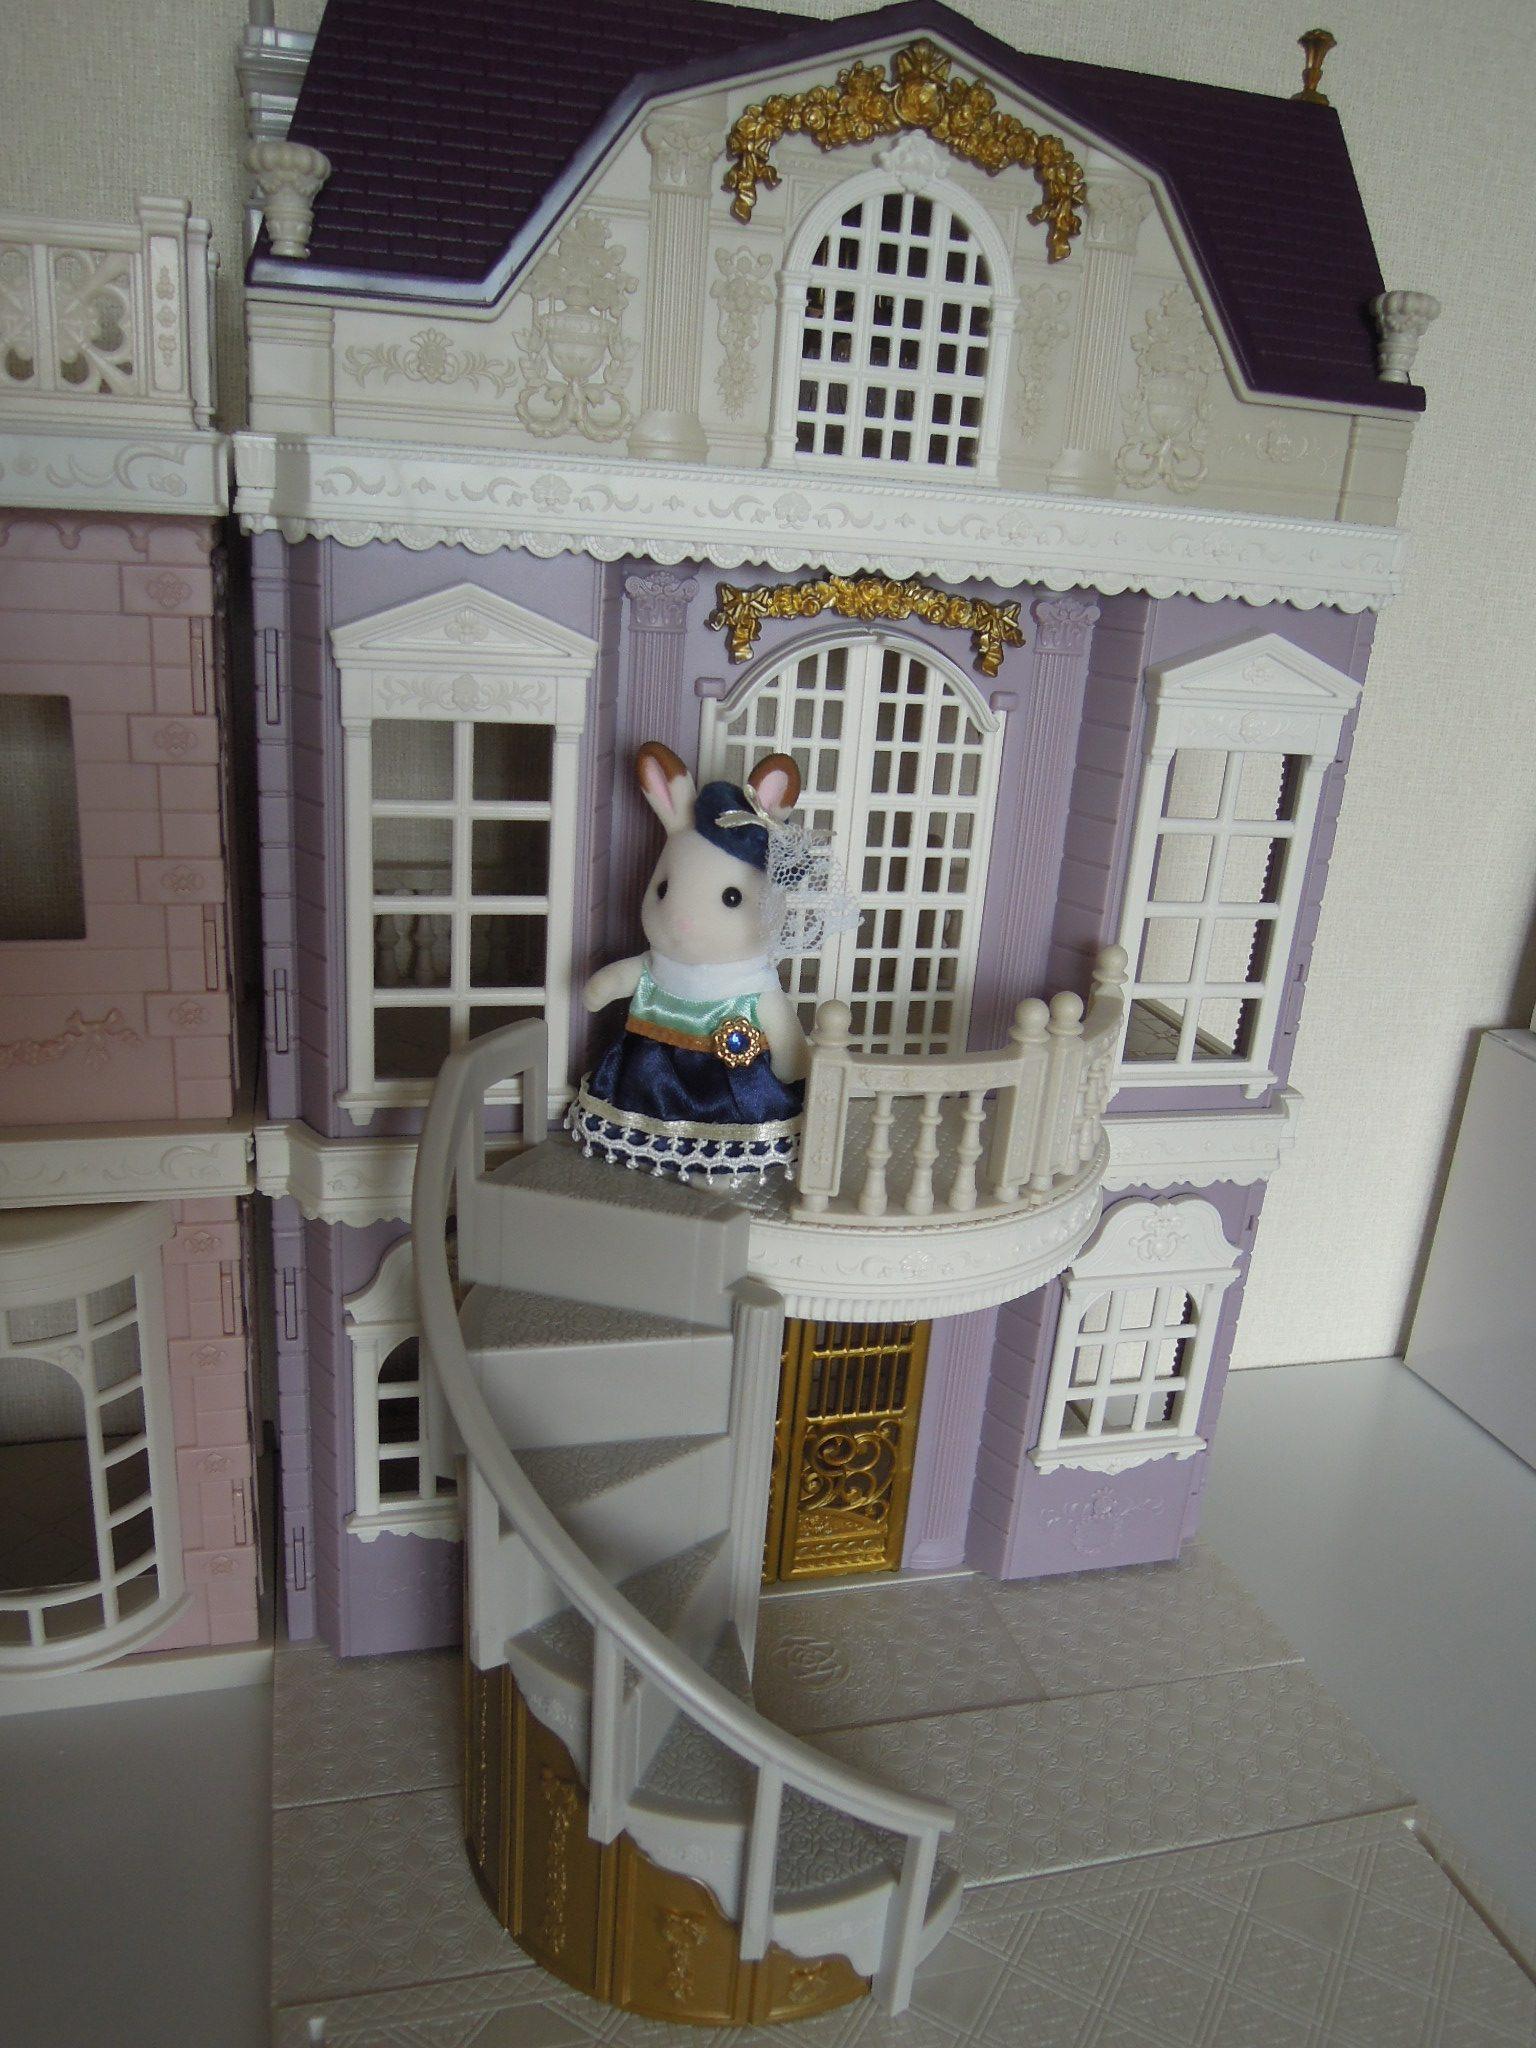 【シルバニア】2018年4月新発売 タウンシリーズ 第1回~街のすてきなグランドハウス~ショコラウサギのお姉さん若くして成功してデパートとほぼ同じ規模の自宅を竣工しちゃったよ!の巻き~ つまり開封レビュー